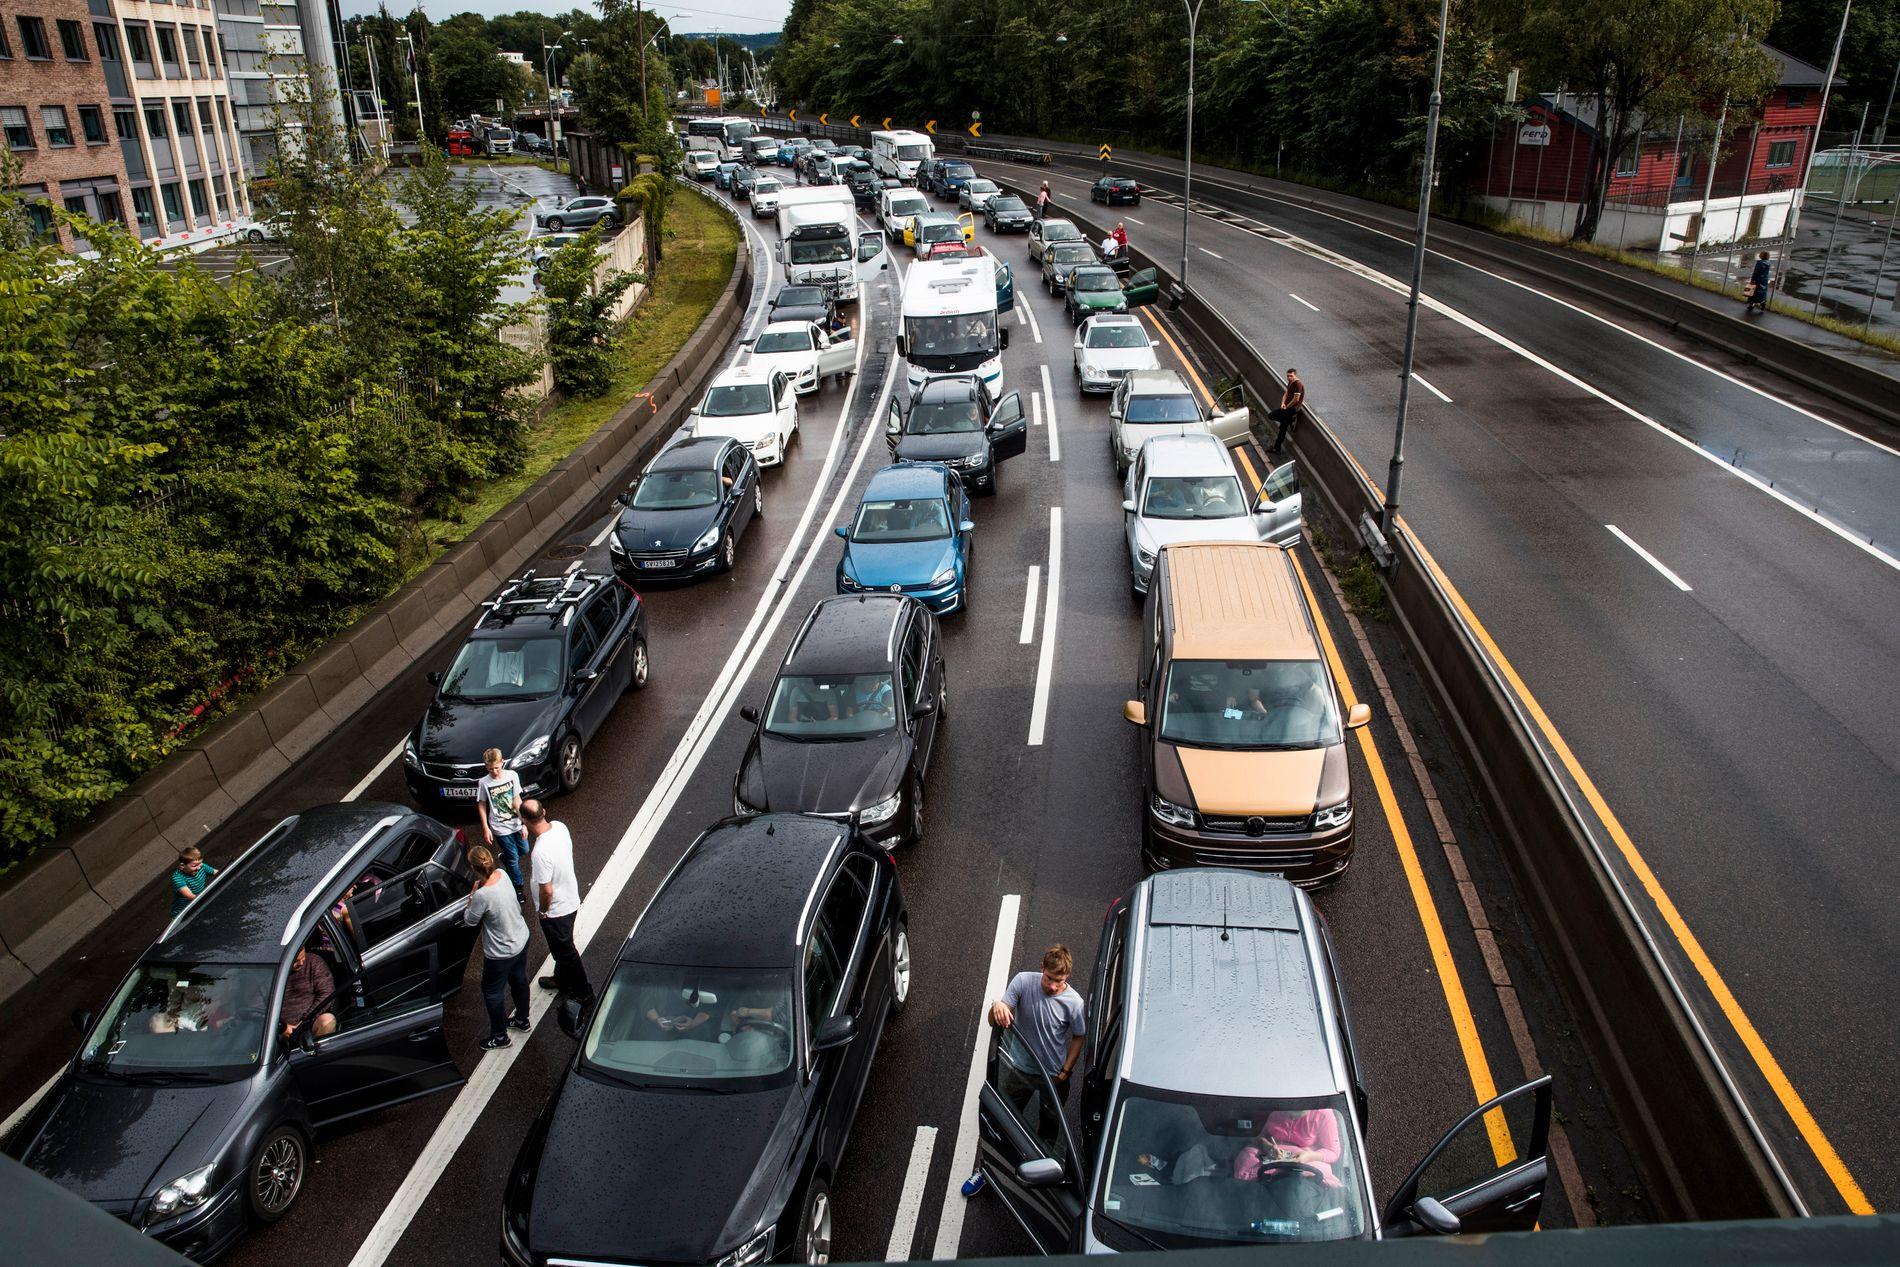 KØ: For de mange som bruker en av landets mest trafikerte veier må det være en lettelse at Stortinget har slått fast at det ikke er lokalpolitikerne i Oslo som skal bestemme over veien deres.